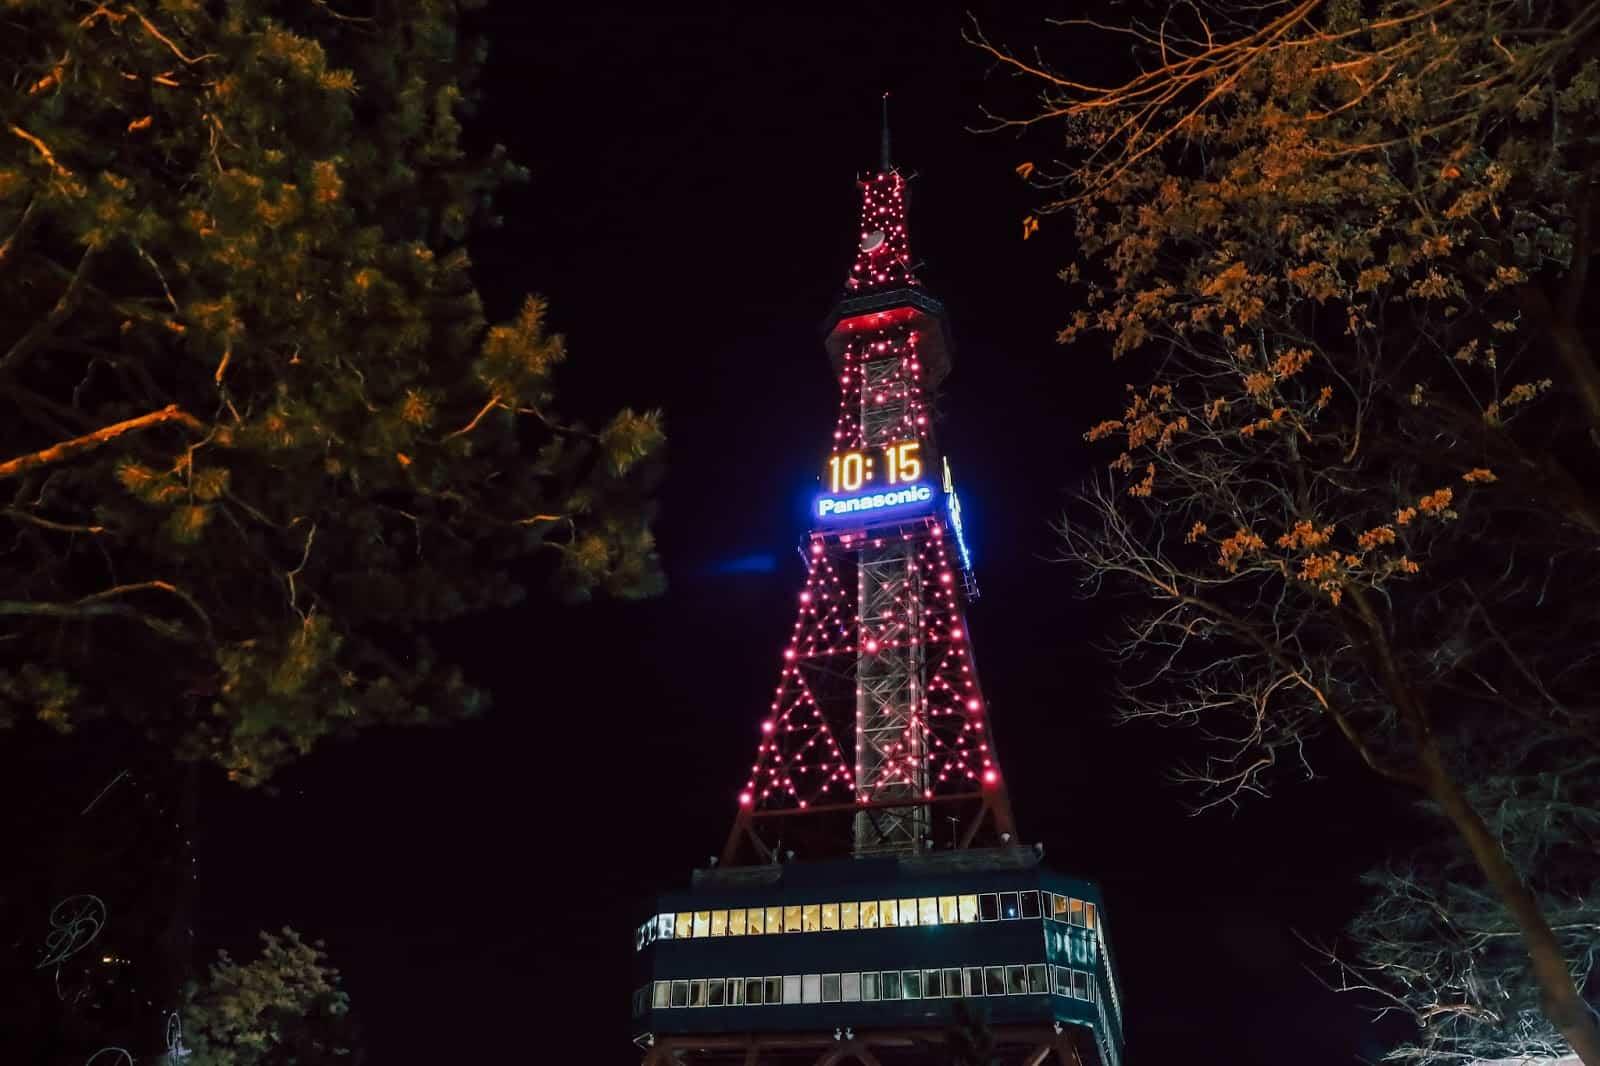 มีบริการเปลี่ยนสีซัปโปโรทีวีทาวเวอร์ (SAPPORO TV TOWER) ให้เป็นสีชมพูในเดือนแห่งความรัก